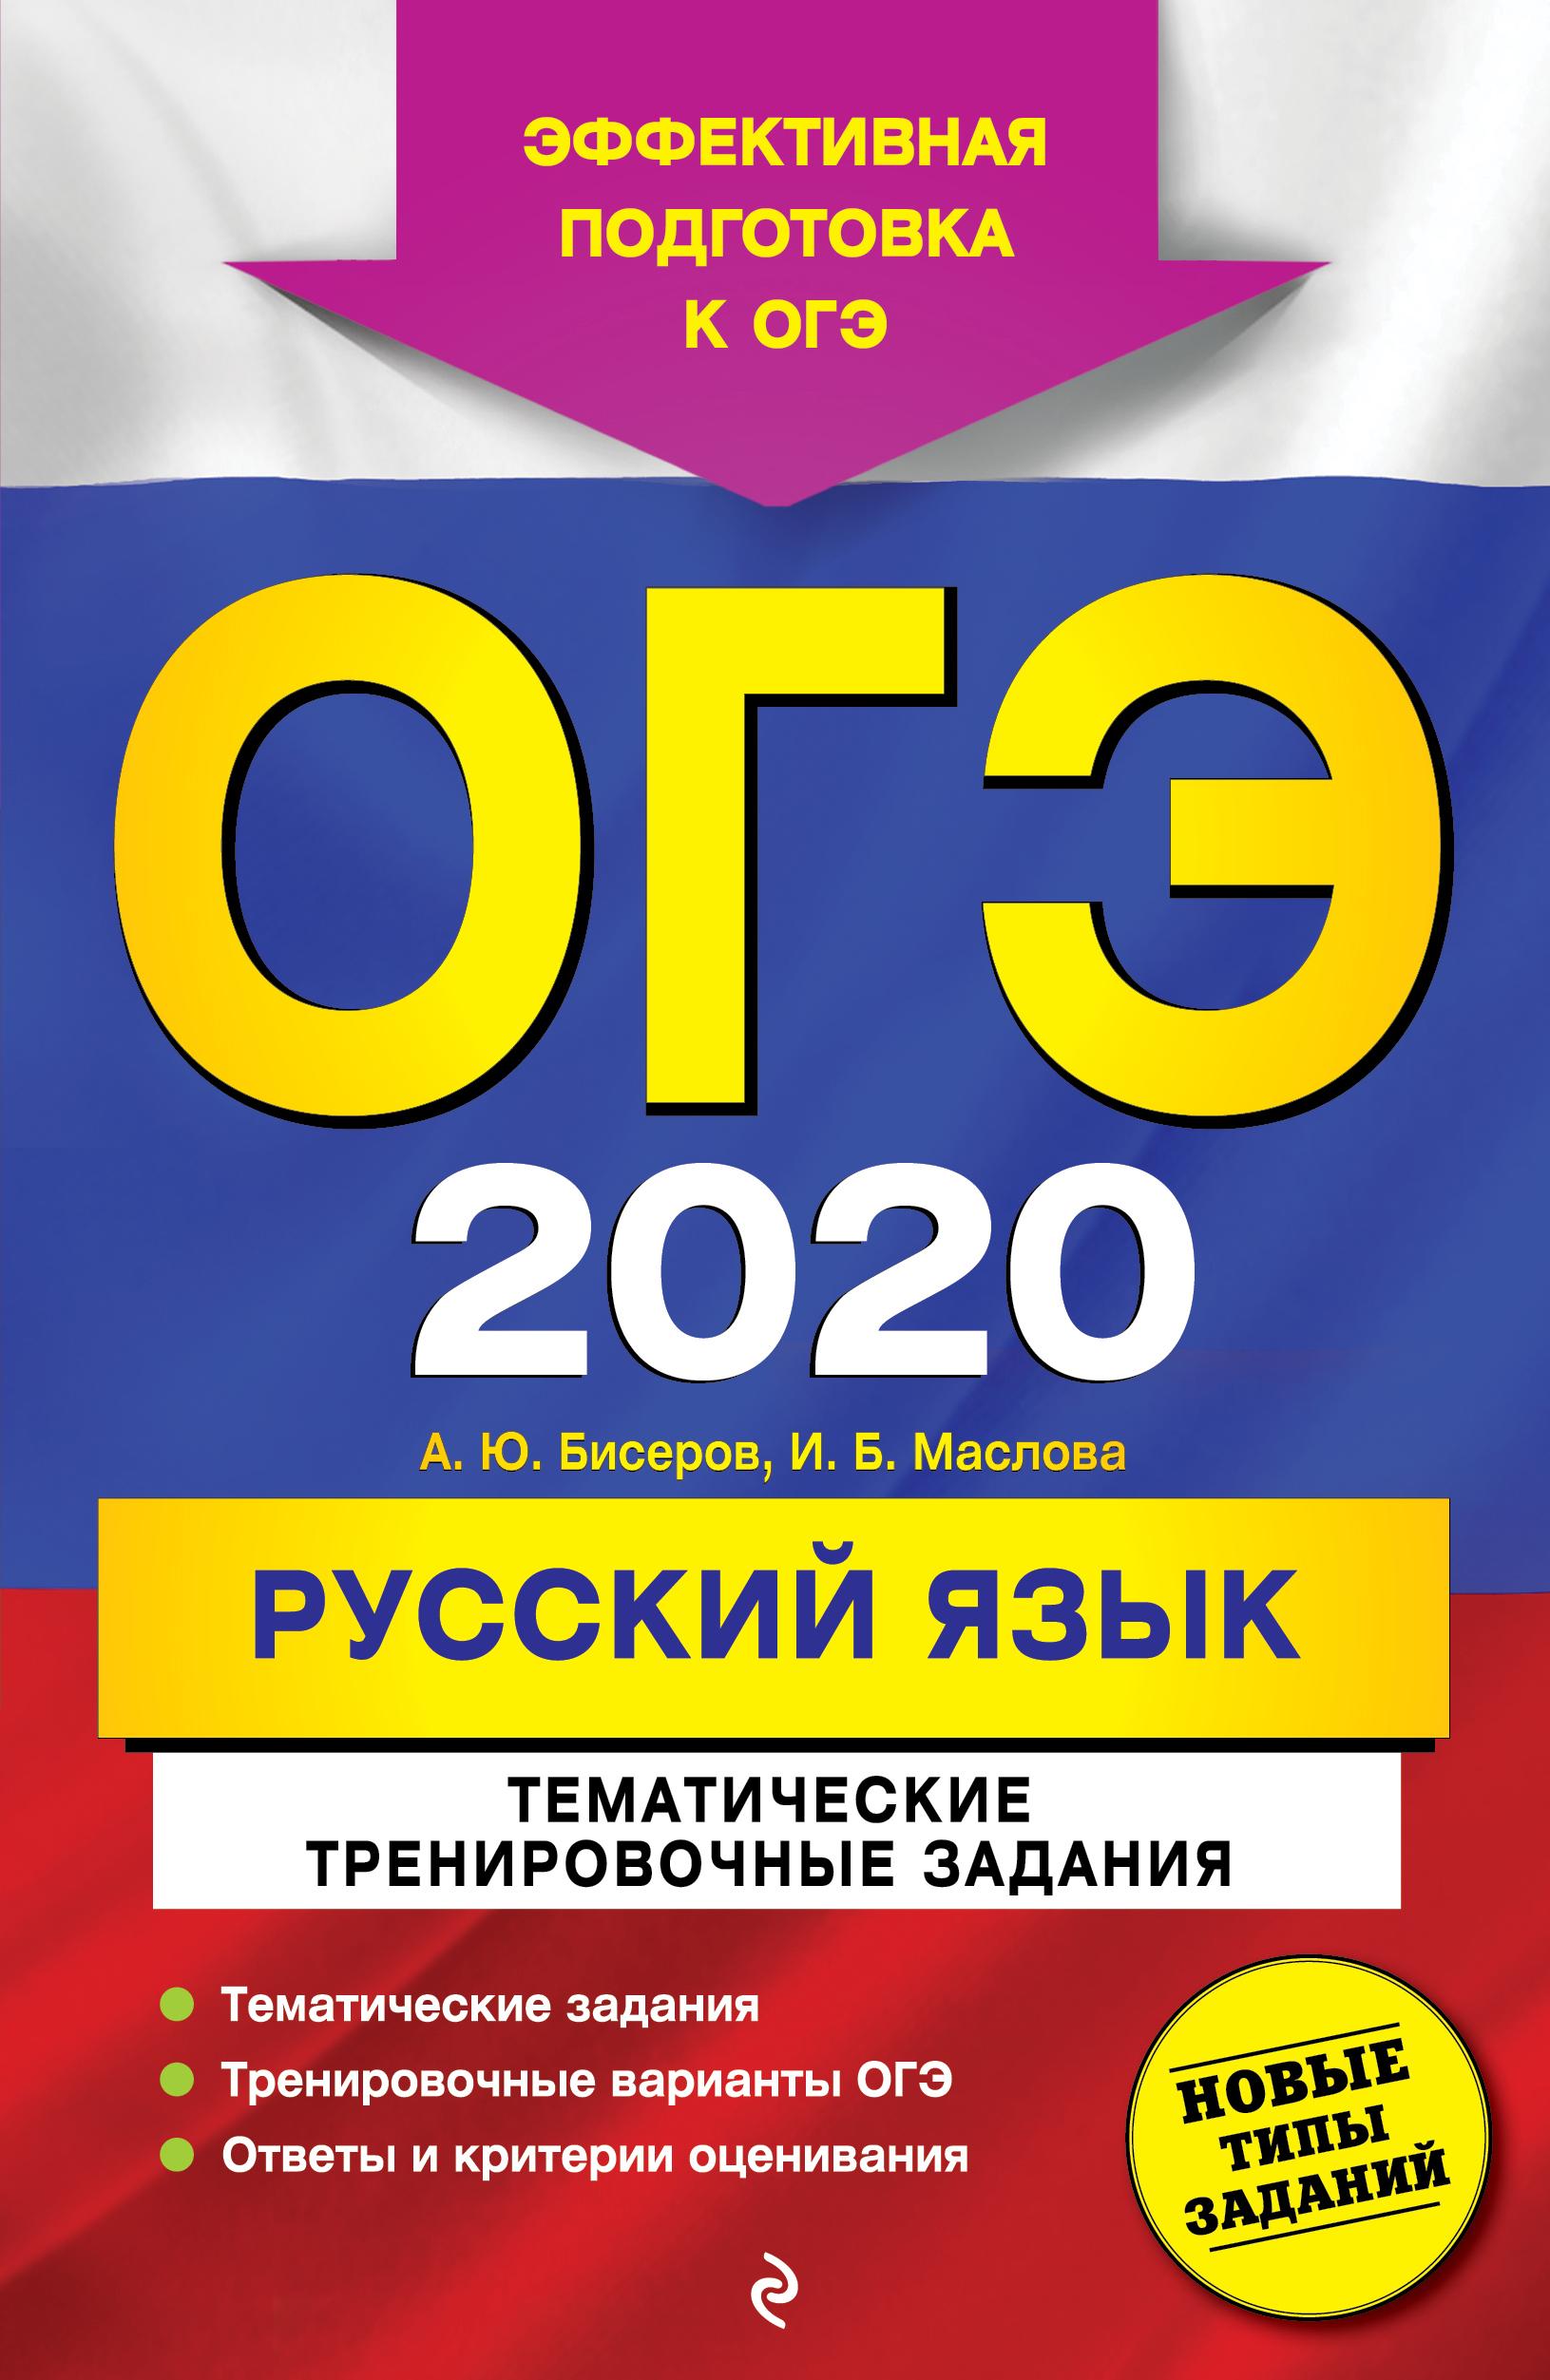 OGE-2020. Russkij jazyk. Tematicheskie trenirovochnye zadanija